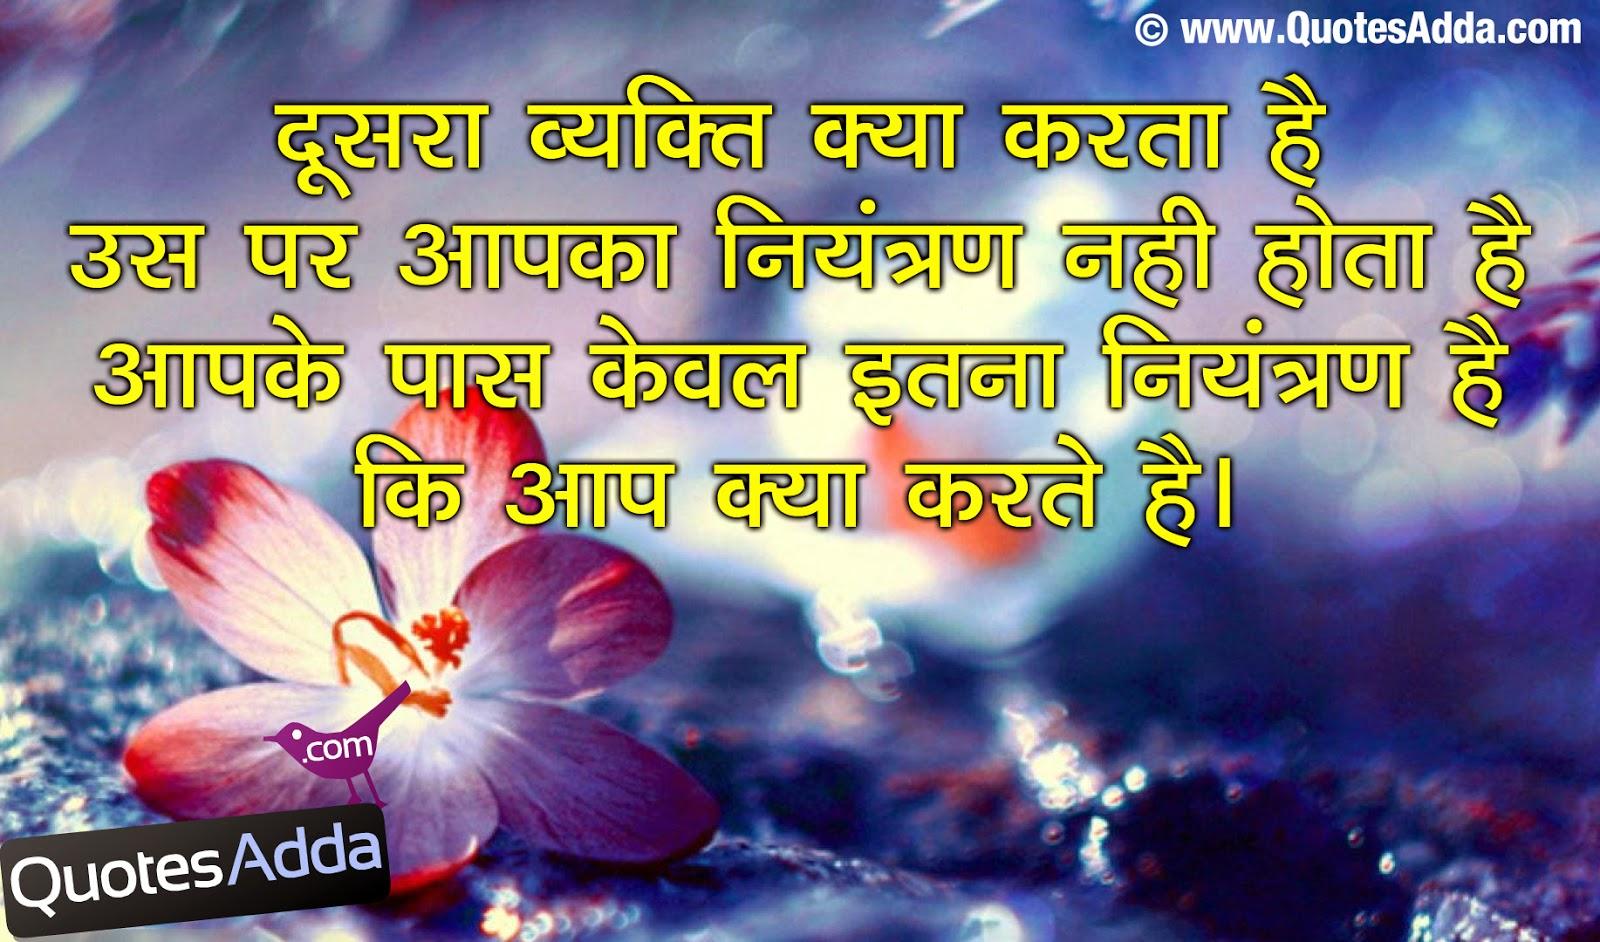 ... Quotes Adda.com | Telugu Quotes | Tamil Quotes | Hindi Quotes